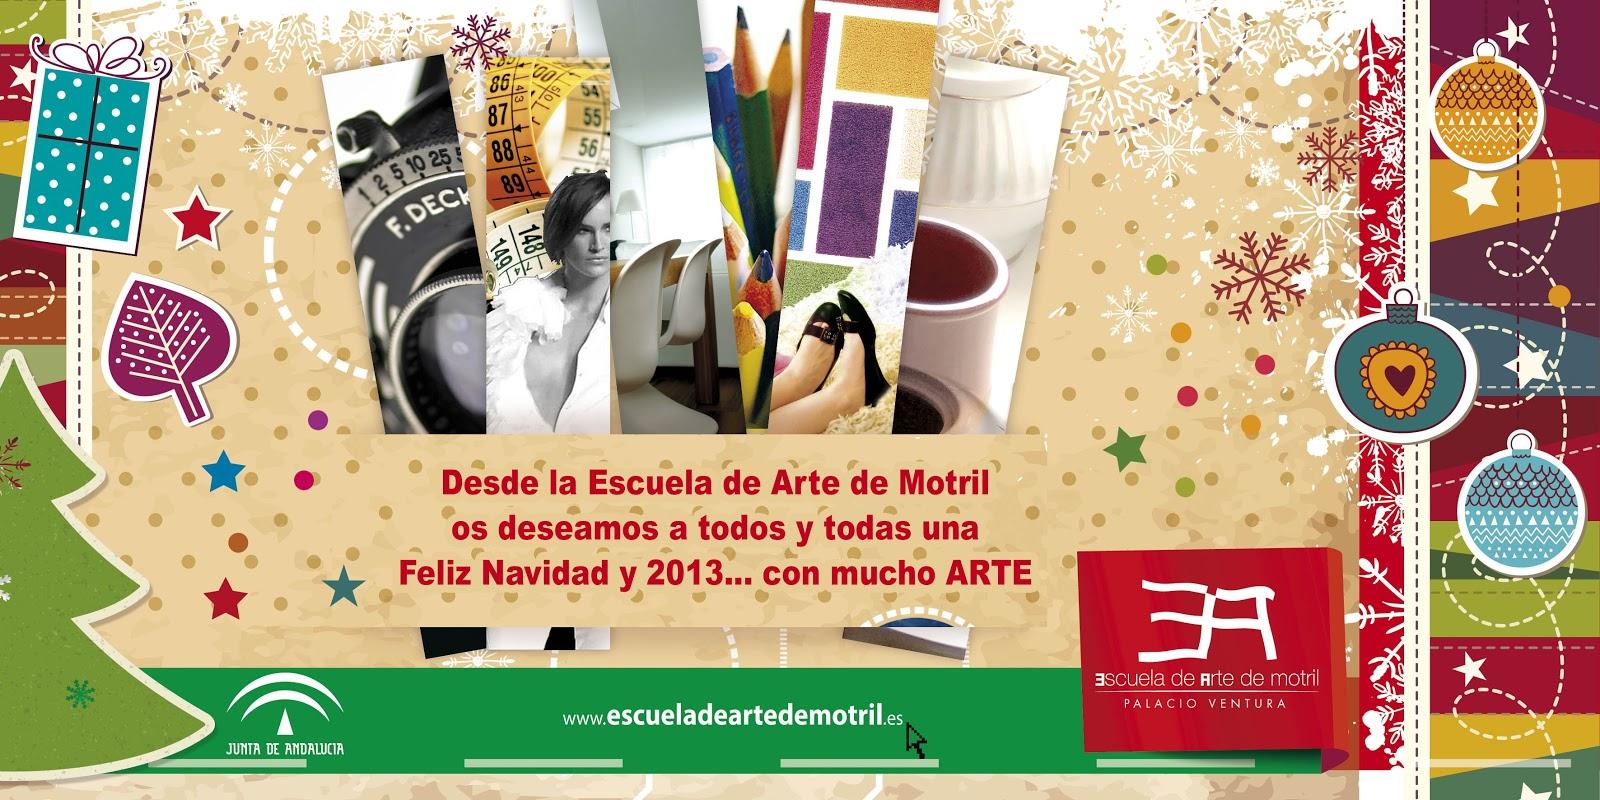 Dise o de interiores escuela de arte de motril feliz navidad for Escuela de decoracion de interiores